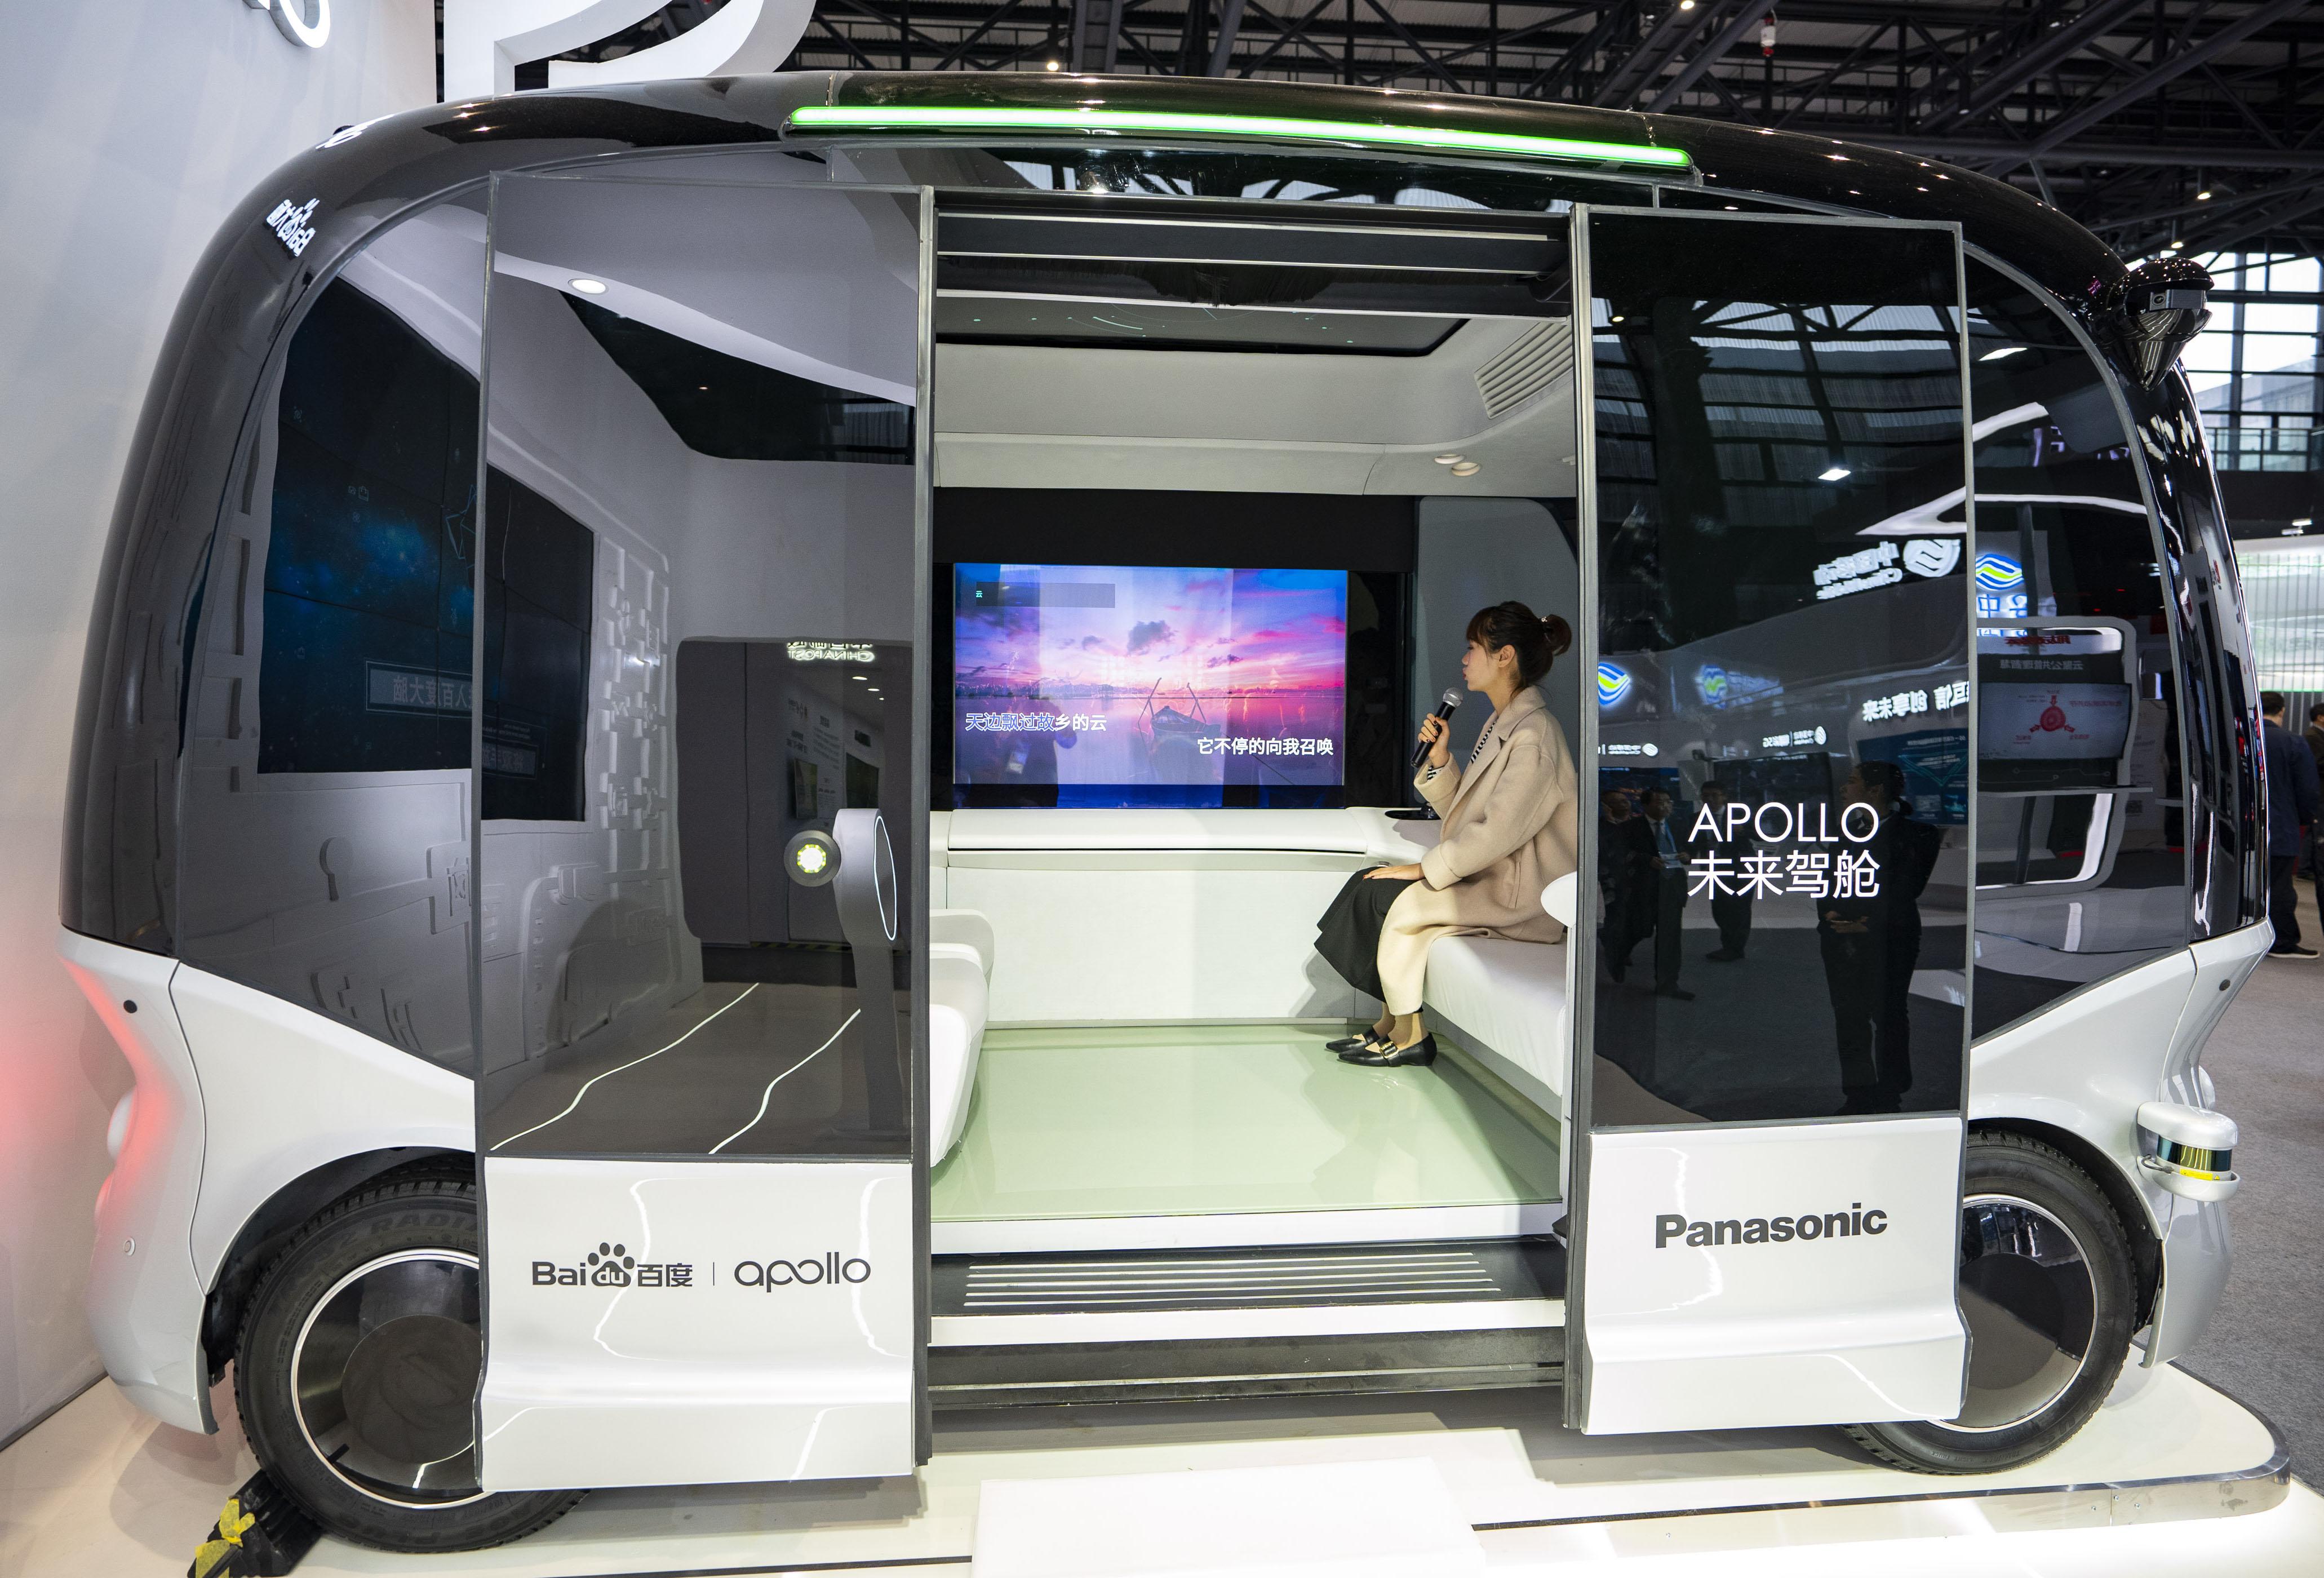 中国交通運輸部、自動運転技術の開発加速を「歓迎」